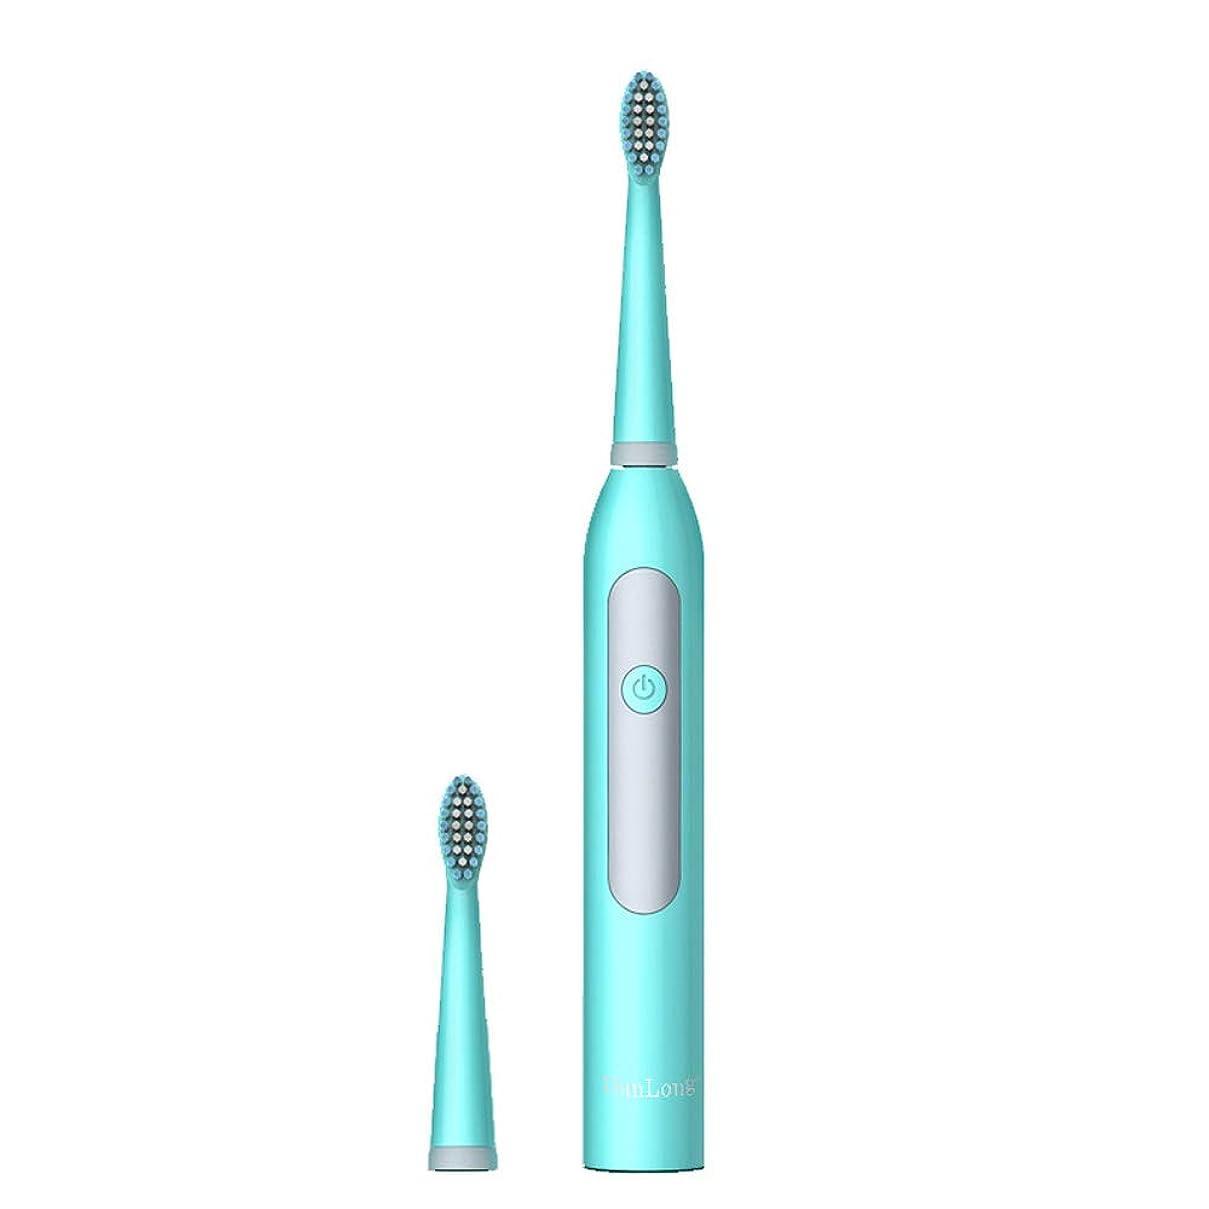 称賛添加剤水を飲む電動歯ブラシ 超音波振動歯ブラシ 歯垢除去 歯磨き 軽量 3段階調節可 IPX7防水 替えブラシ2本付き 旅行用持ち運びやすい 口内ケア デンタルケア,Green